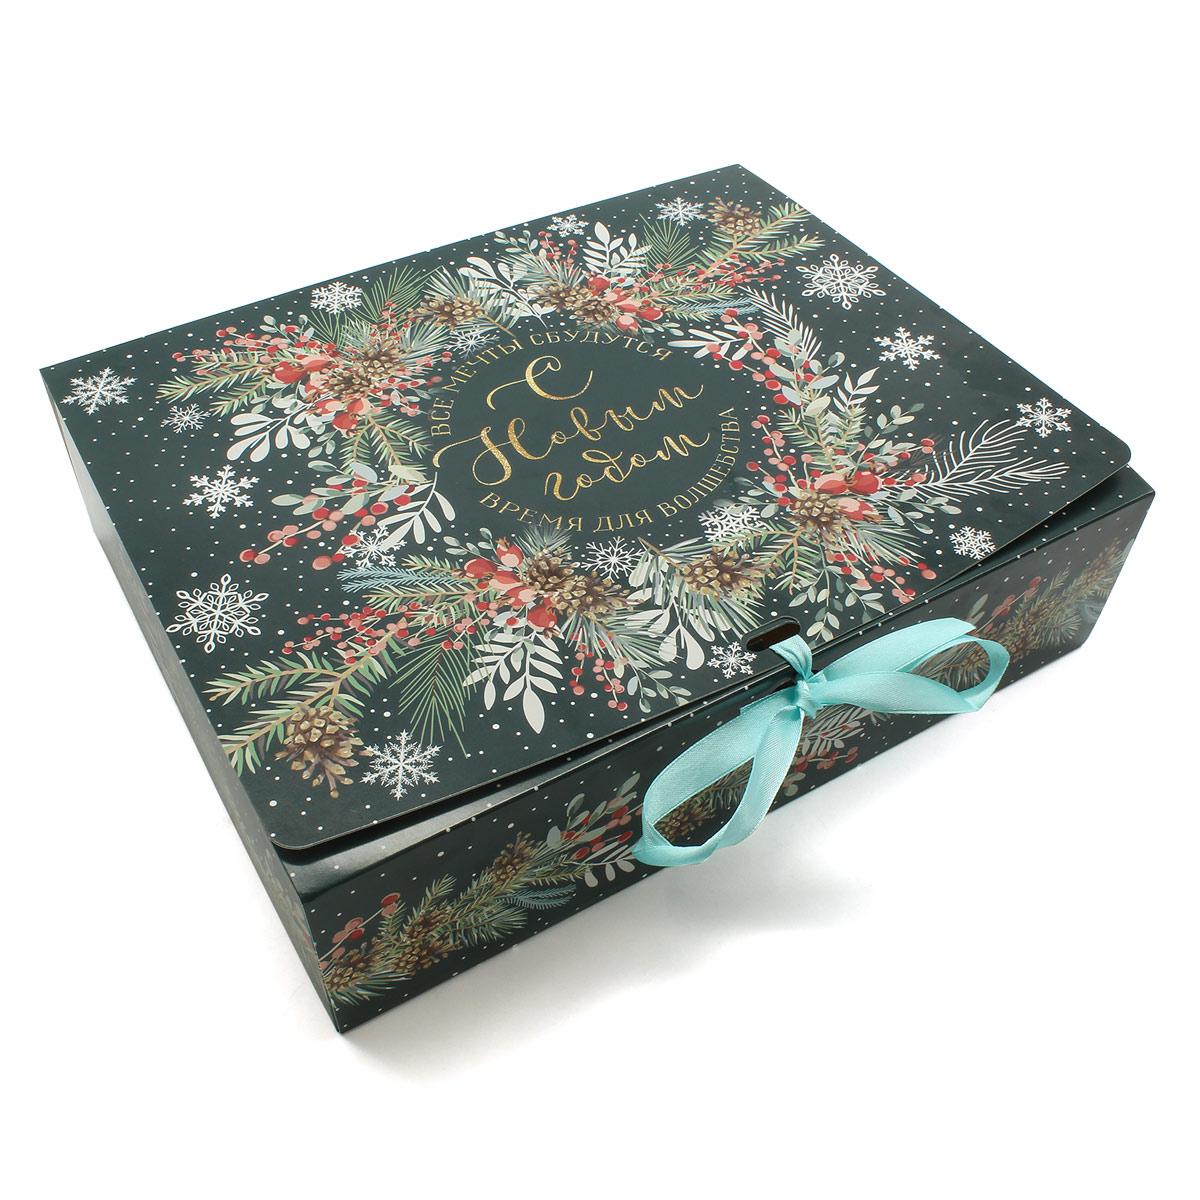 6919082 Складная коробка подарочная 'Новогодняя ботаника', 31*24,5*9 см